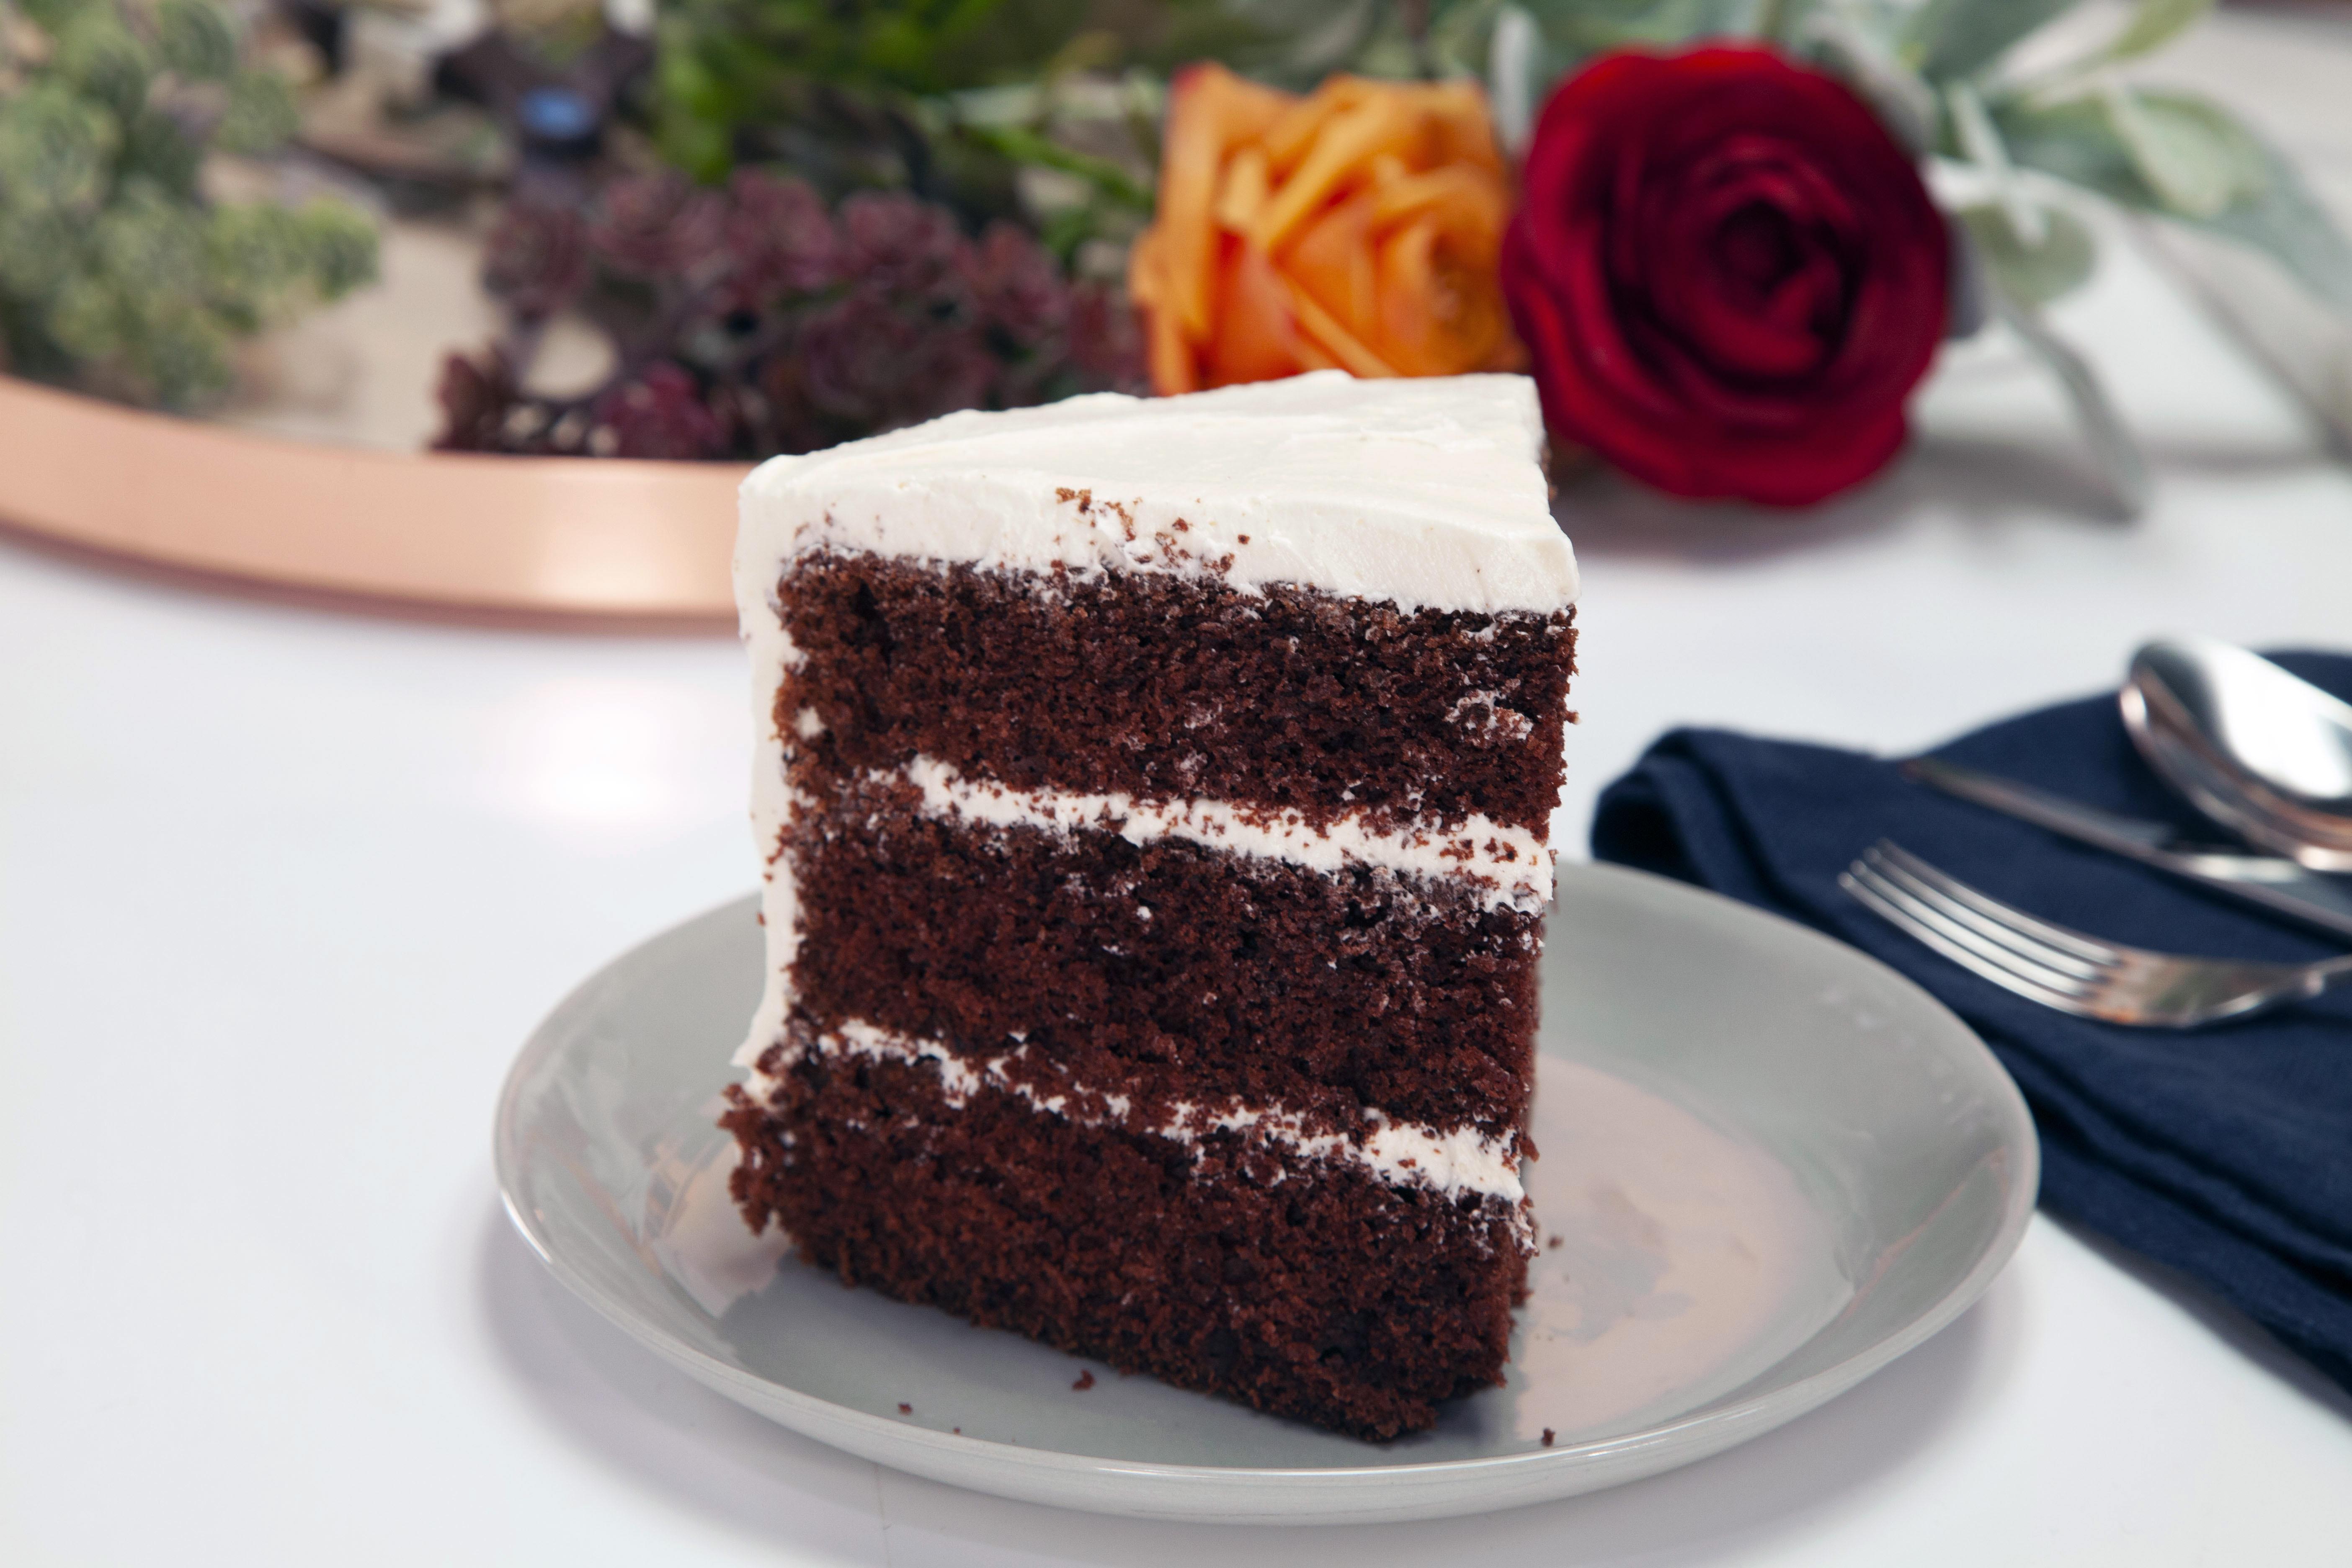 The Real Red Velvet Cake